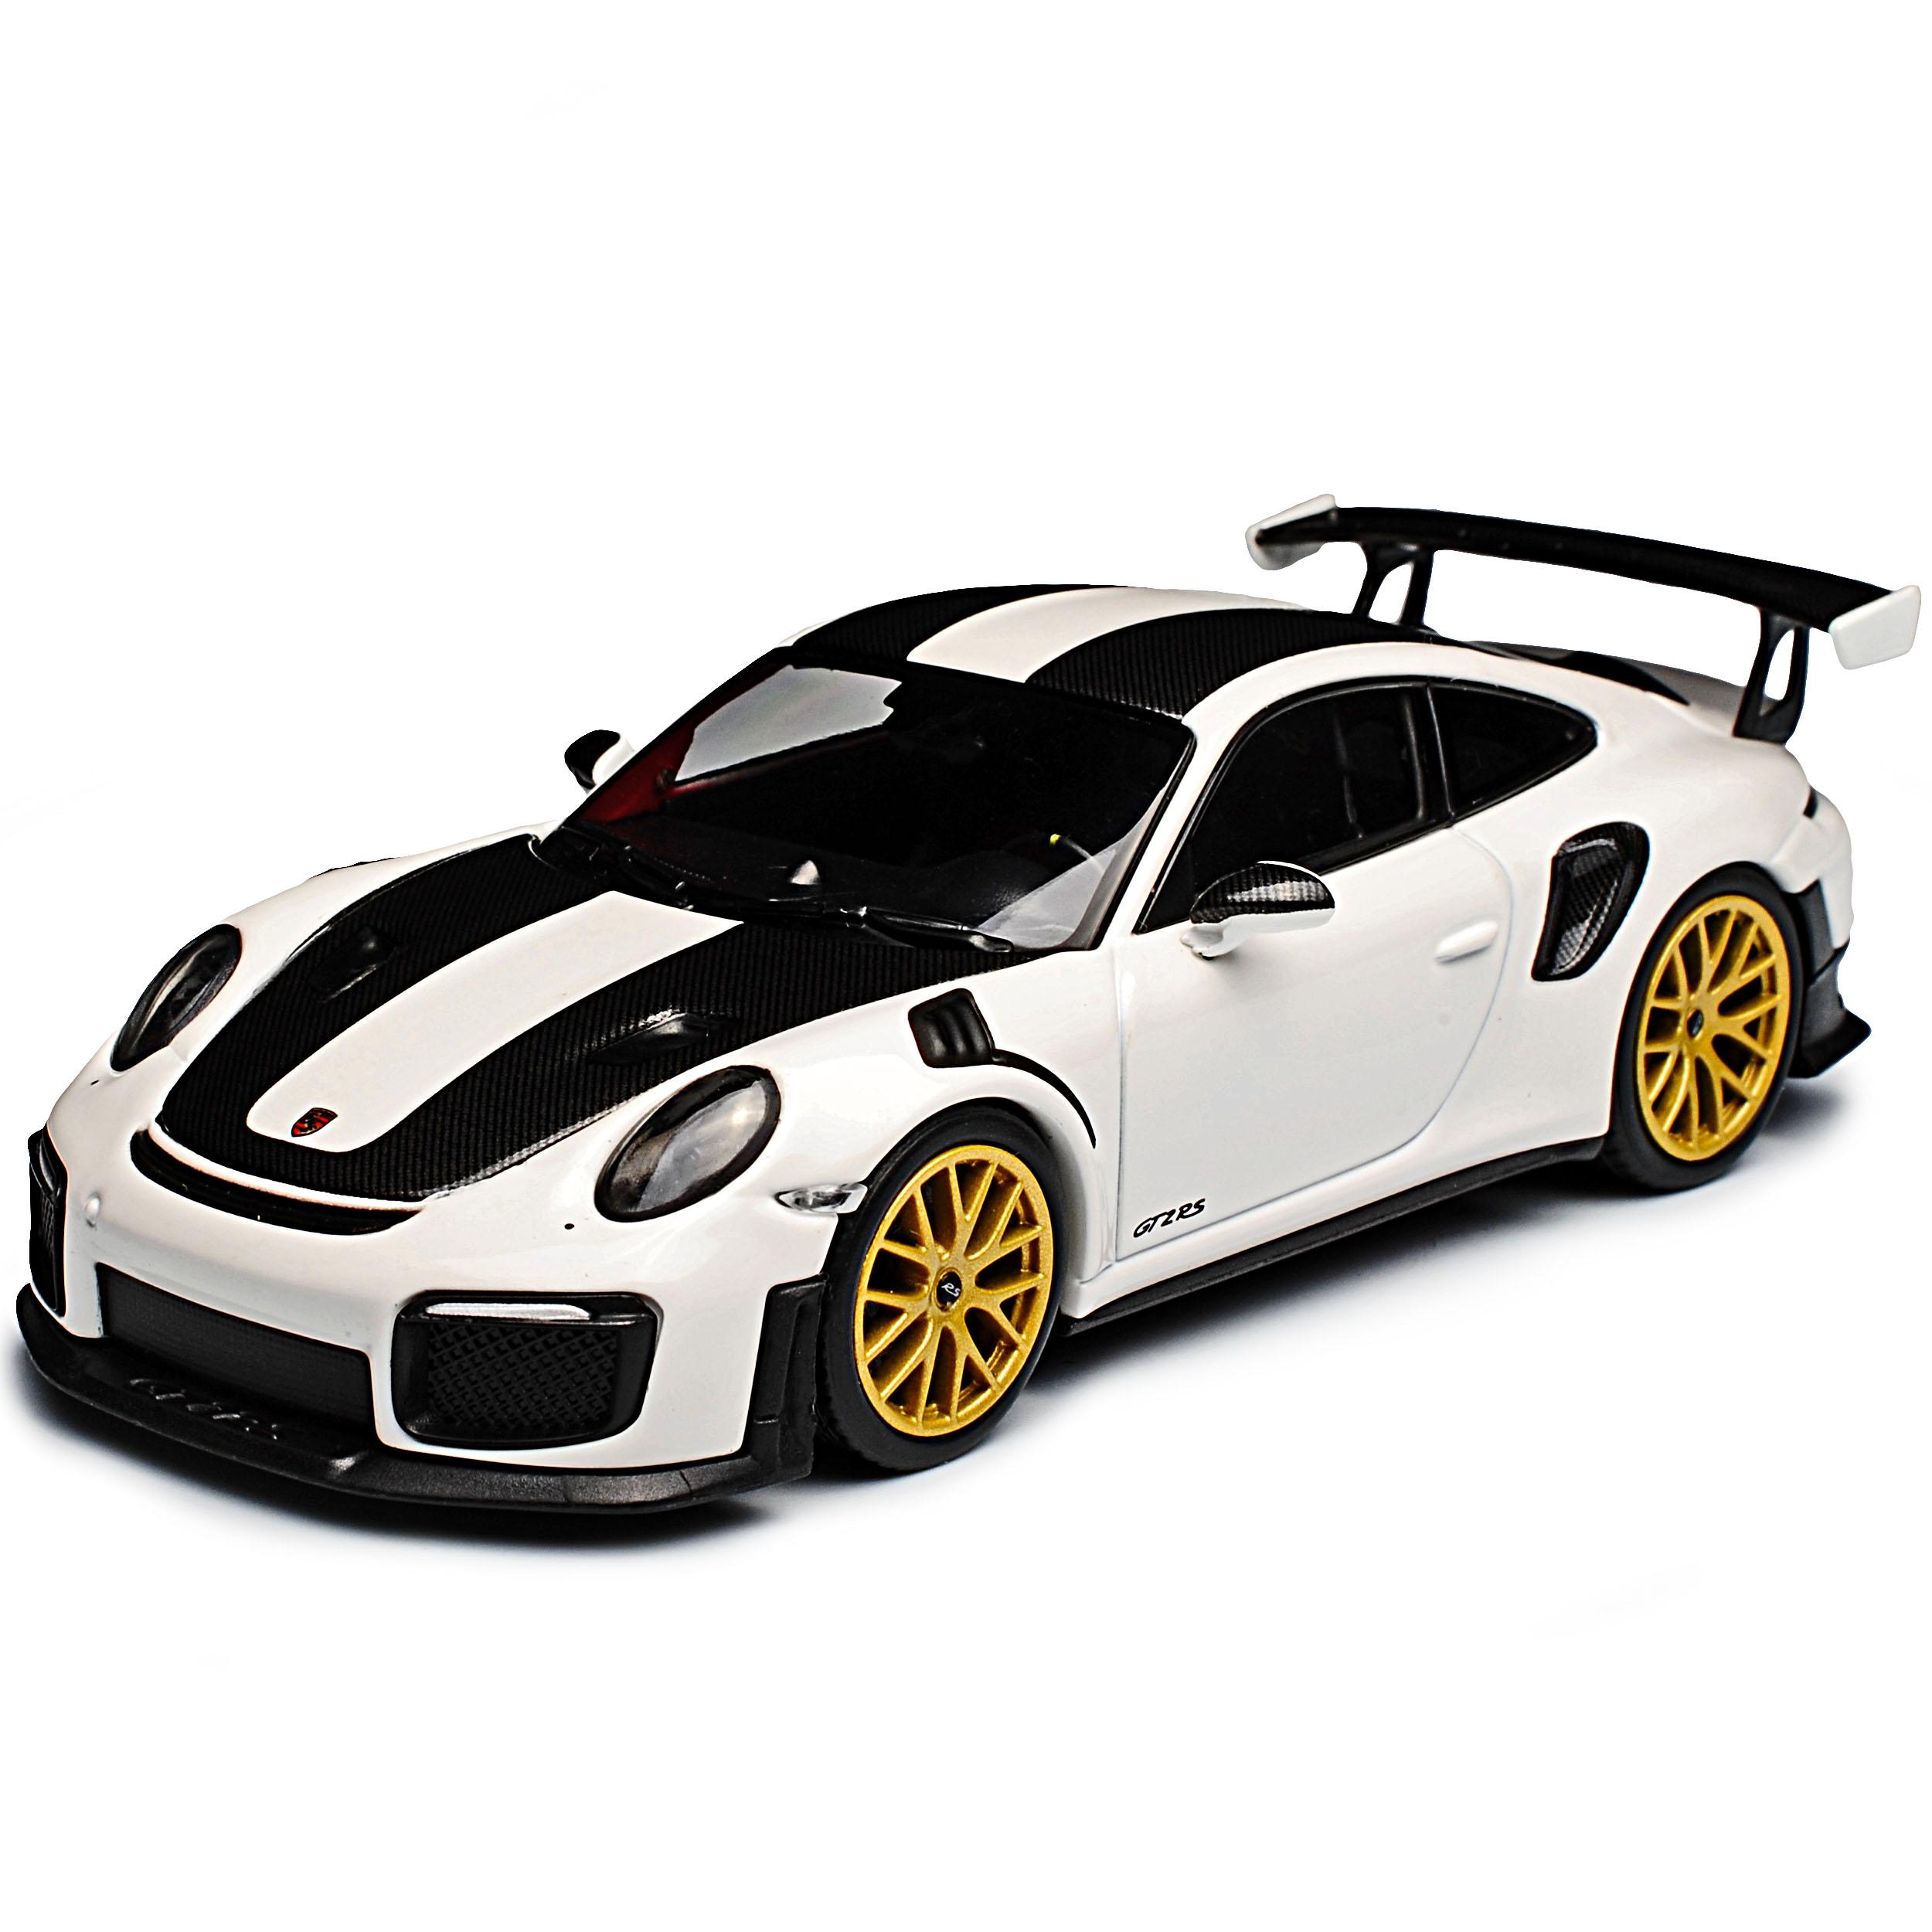 Porsche 911 991 II gt2 RS Weiss Weissach Weissach Weissach paquete modelo a partir de 2012 a partir de 2015. Facelift. 405690